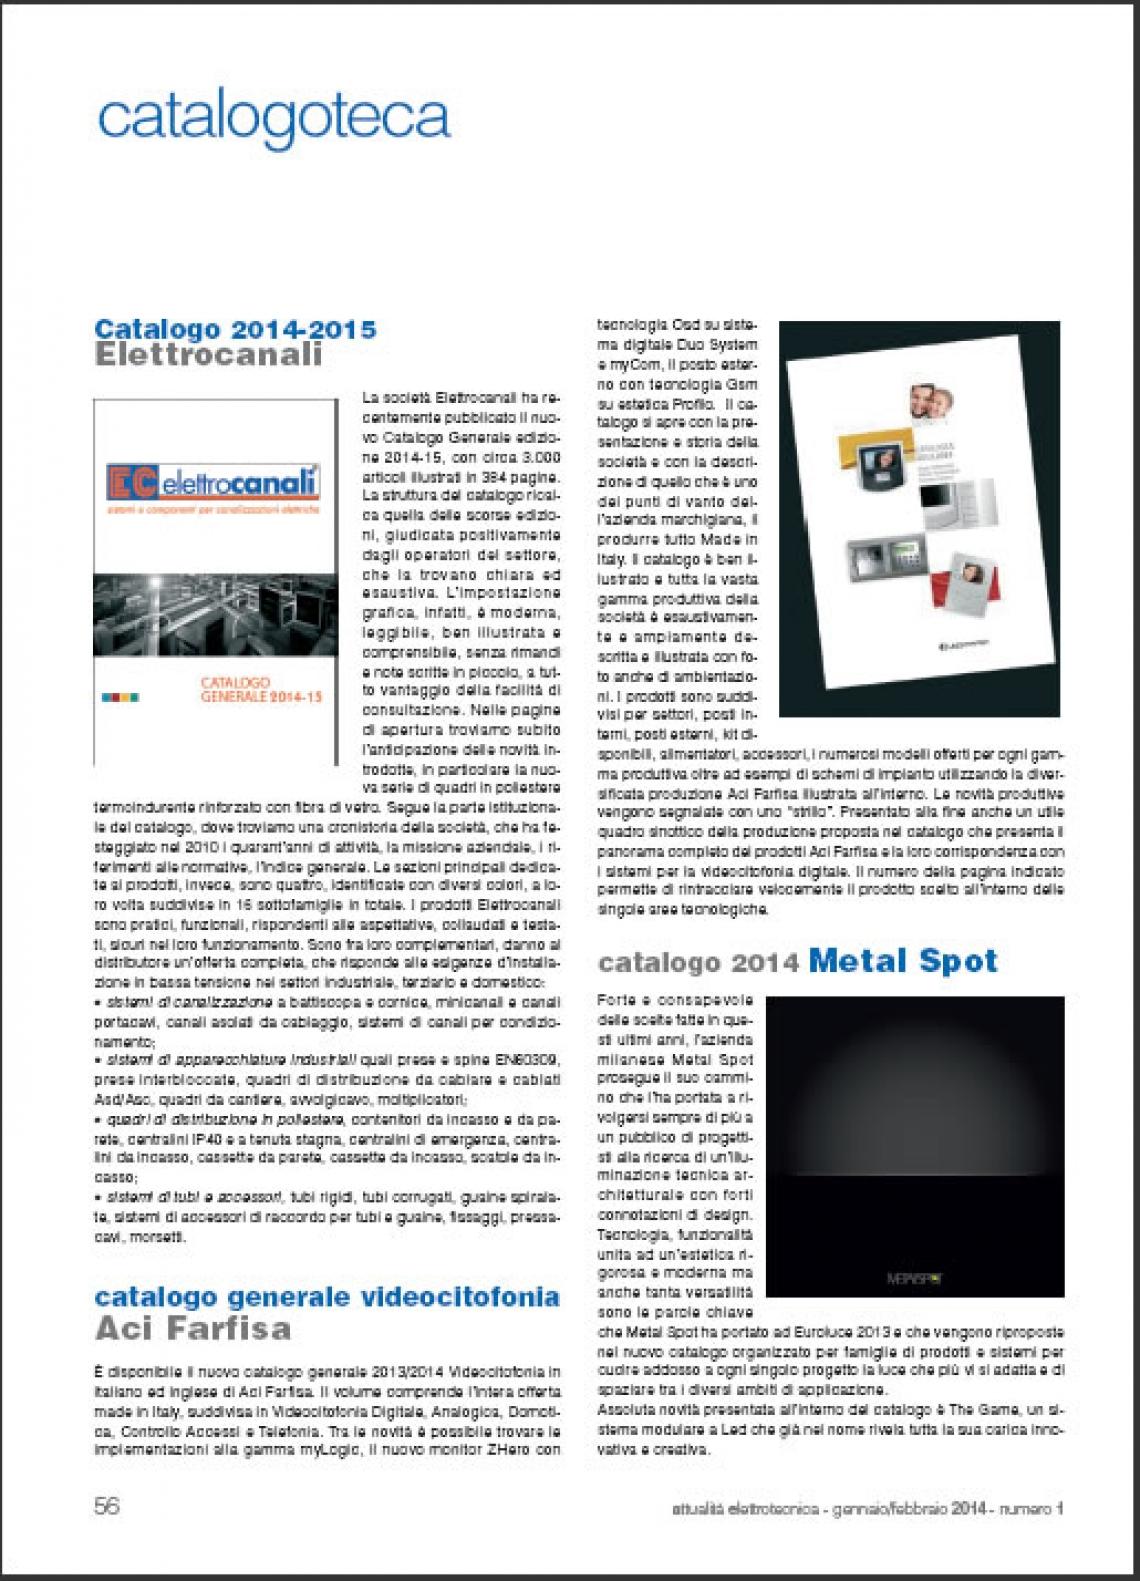 Nuovo catalogo generale